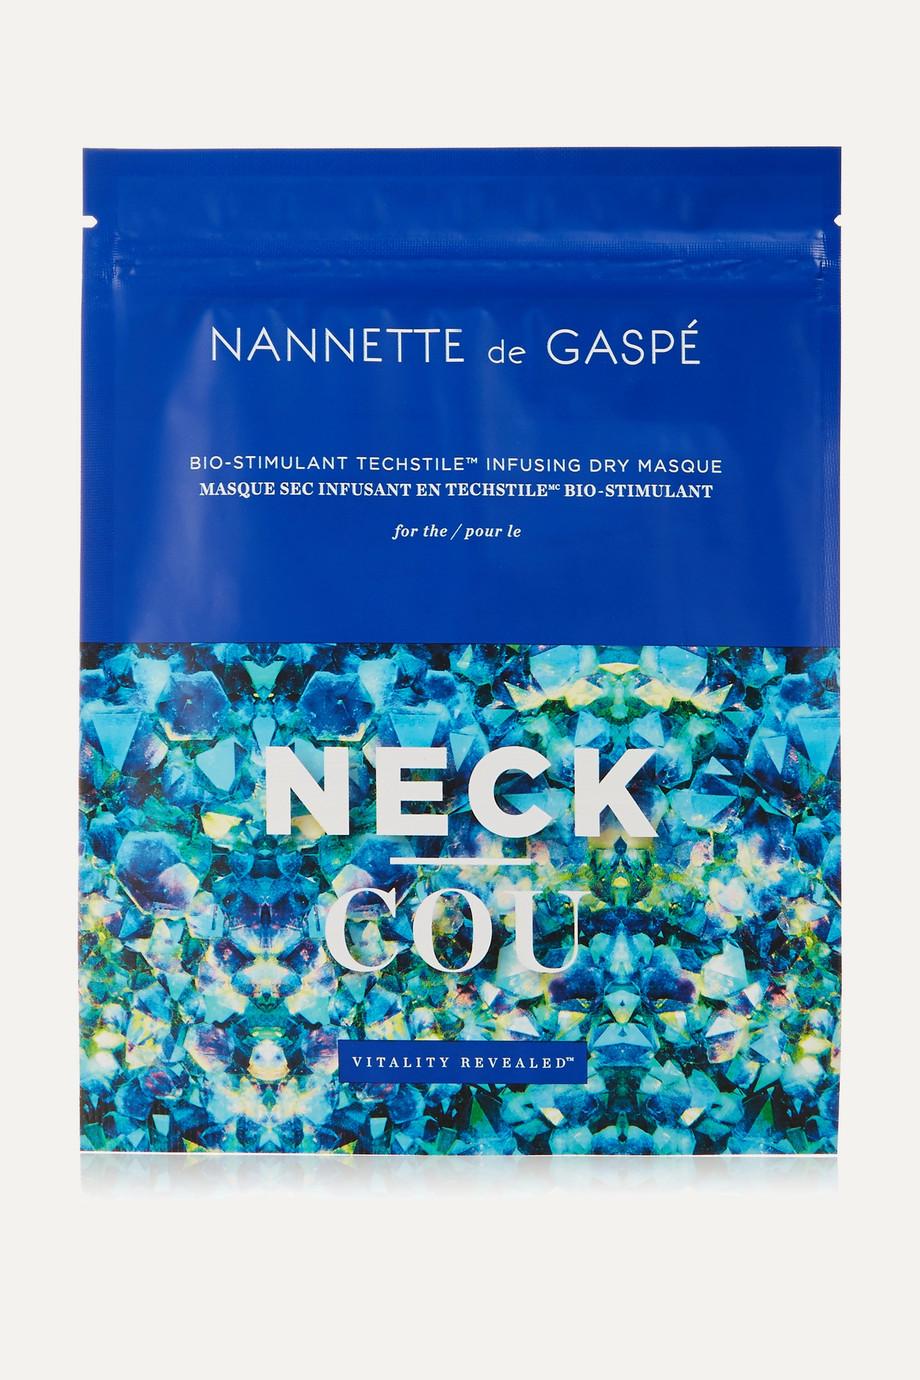 Nannette de Gaspé Vitality Revealed Bio-Stimulant Neck Treatment